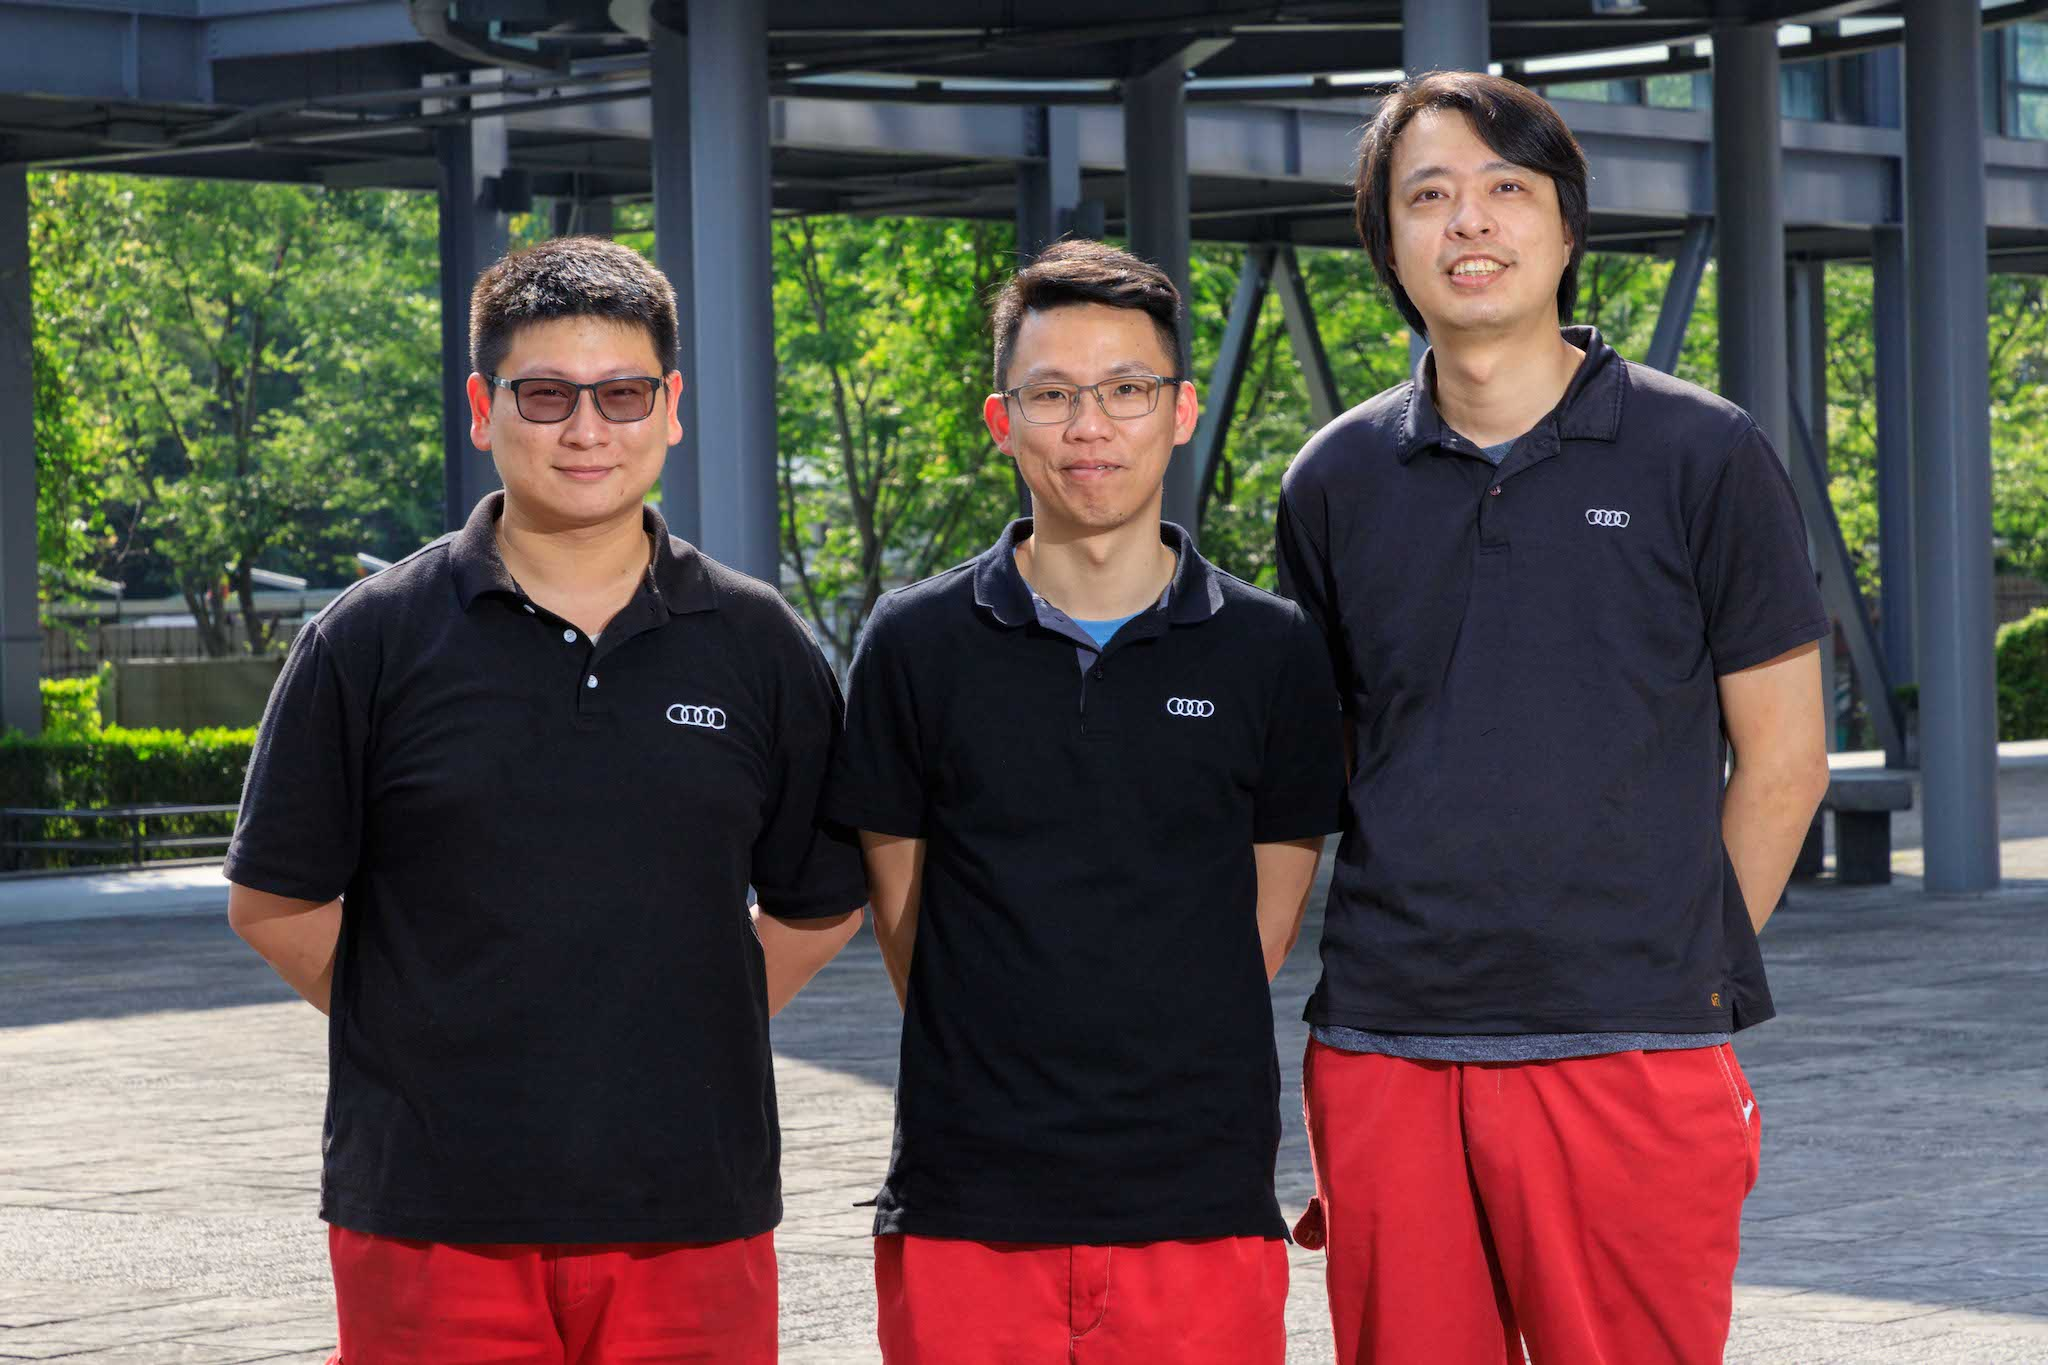 技術組選手,由左至右分別是:「Audi 南港」李承錦、「Audi 南港」李安逵、「Audi桃園」游順帆。